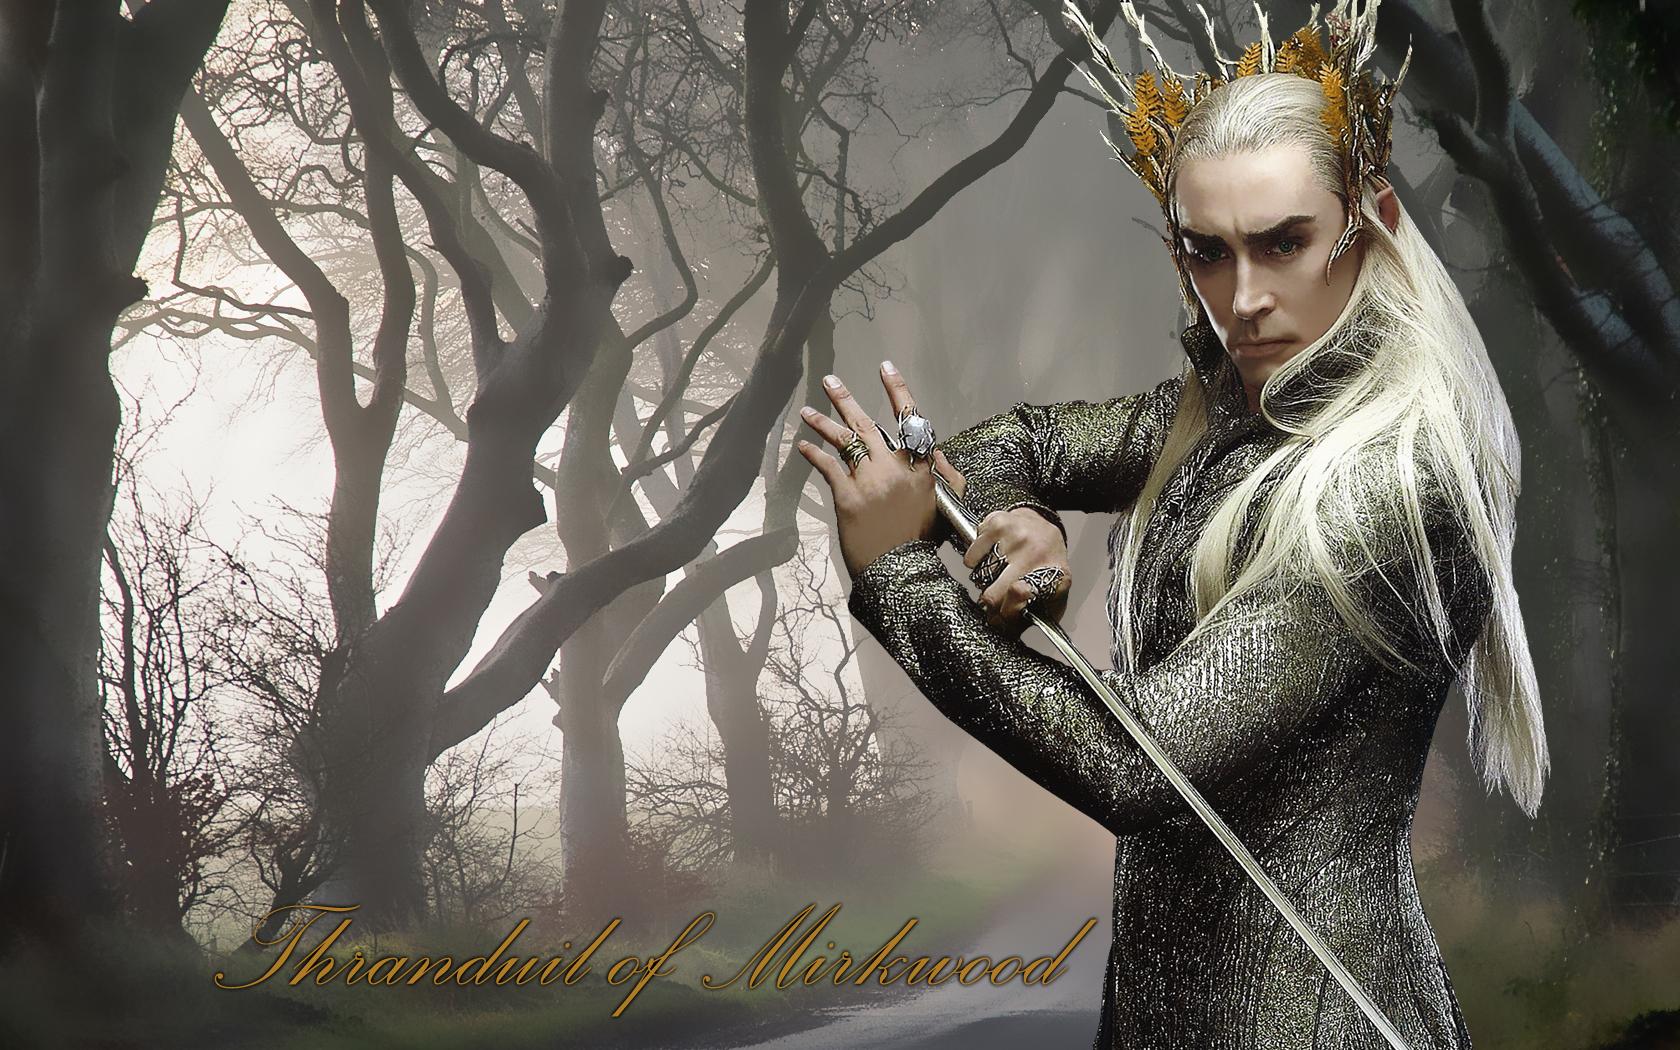 Thranduil the Elvenking by Rinarvell on DeviantArt